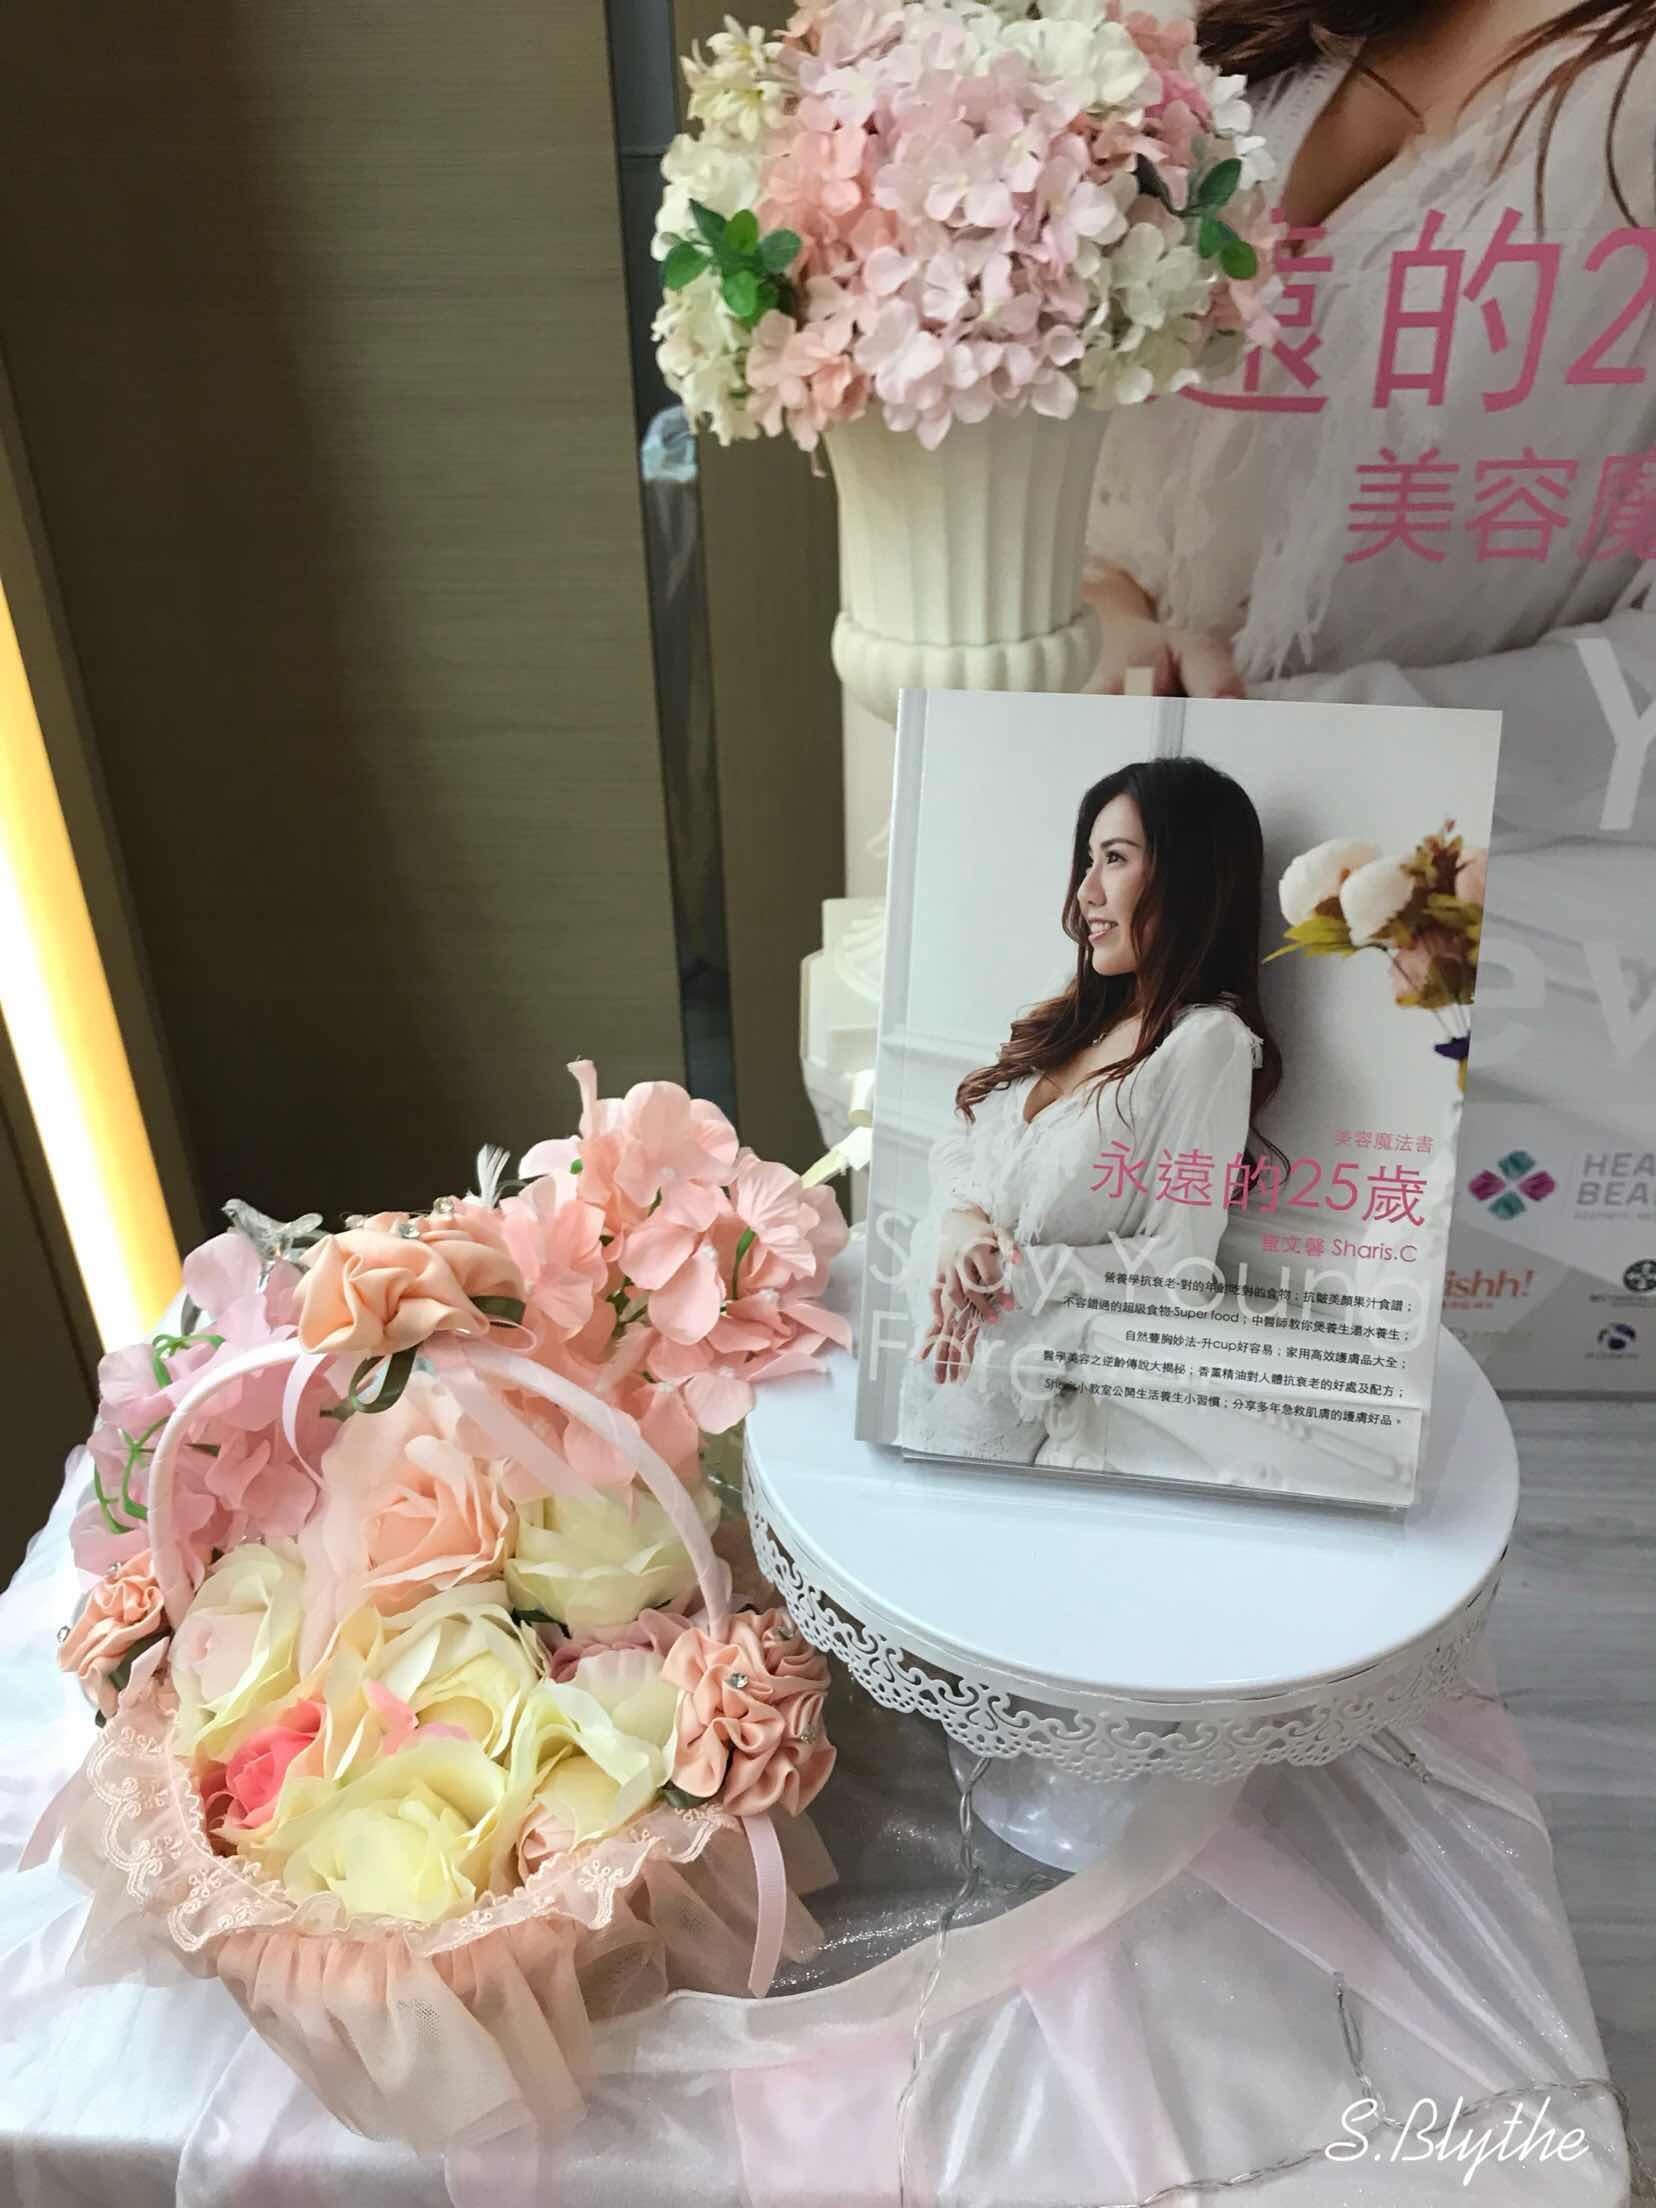 [活動]Sharis.C崔文馨《永遠的25歳》Stay Young Forever美容新書發佈會 ...